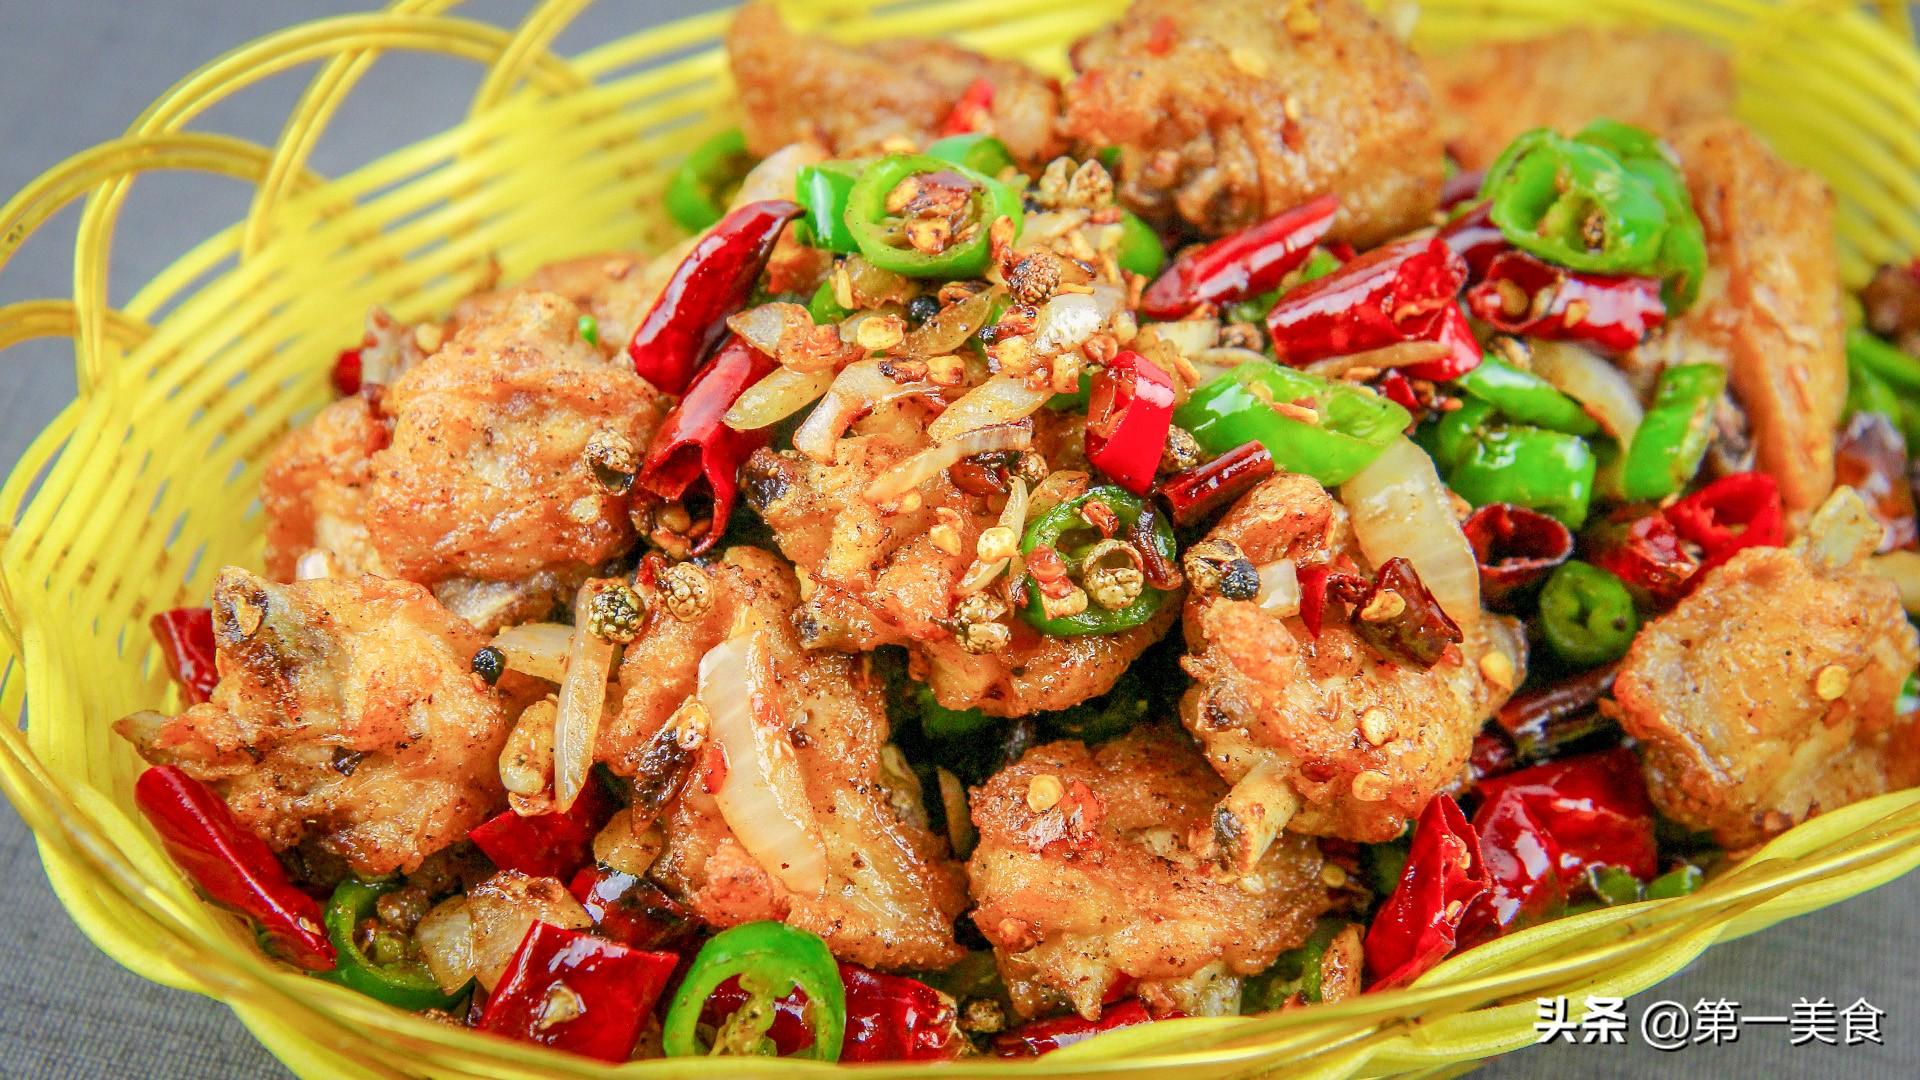 【干煸鸡翅】做法步骤图 香辣焦酥 一口一个吃不过瘾